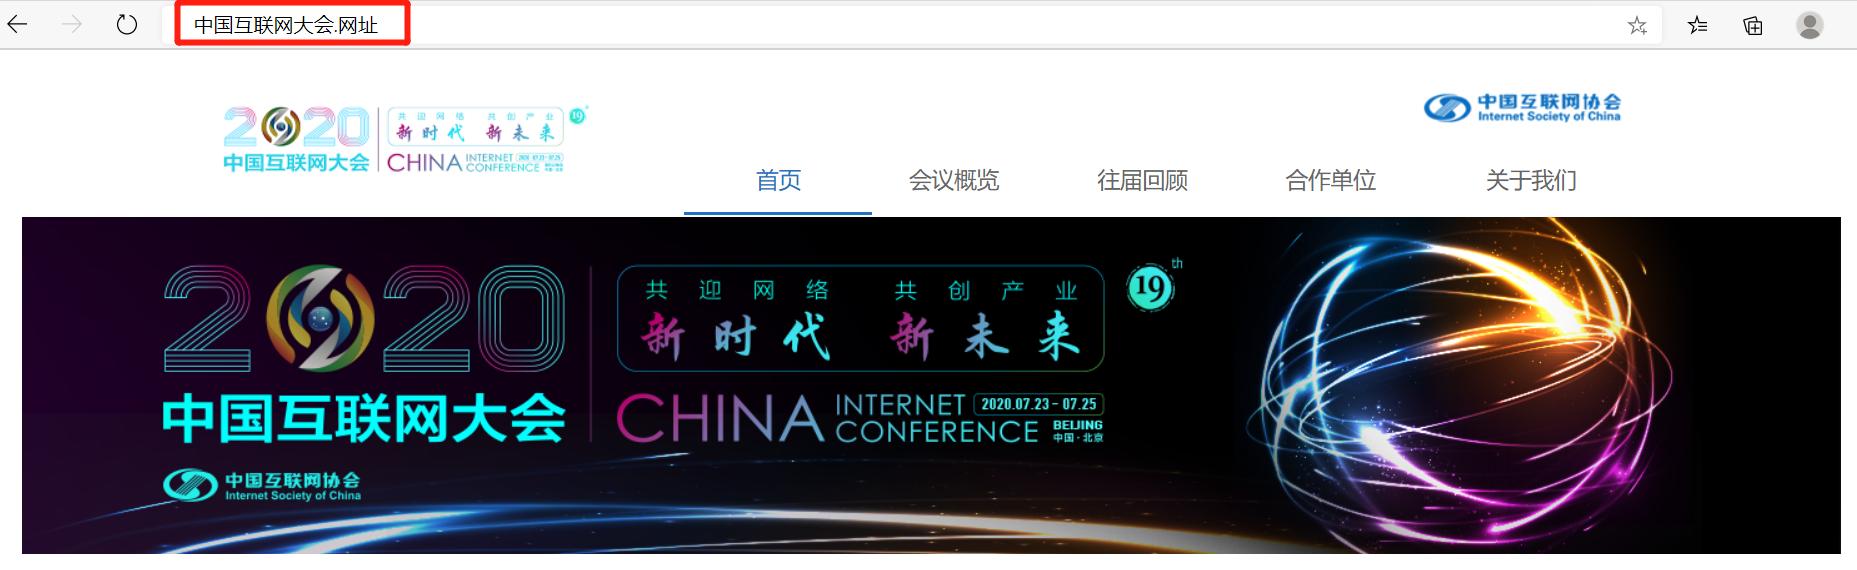 """赋能企业品牌传播,好记的"""".网址""""中文域名你注册了吗?"""